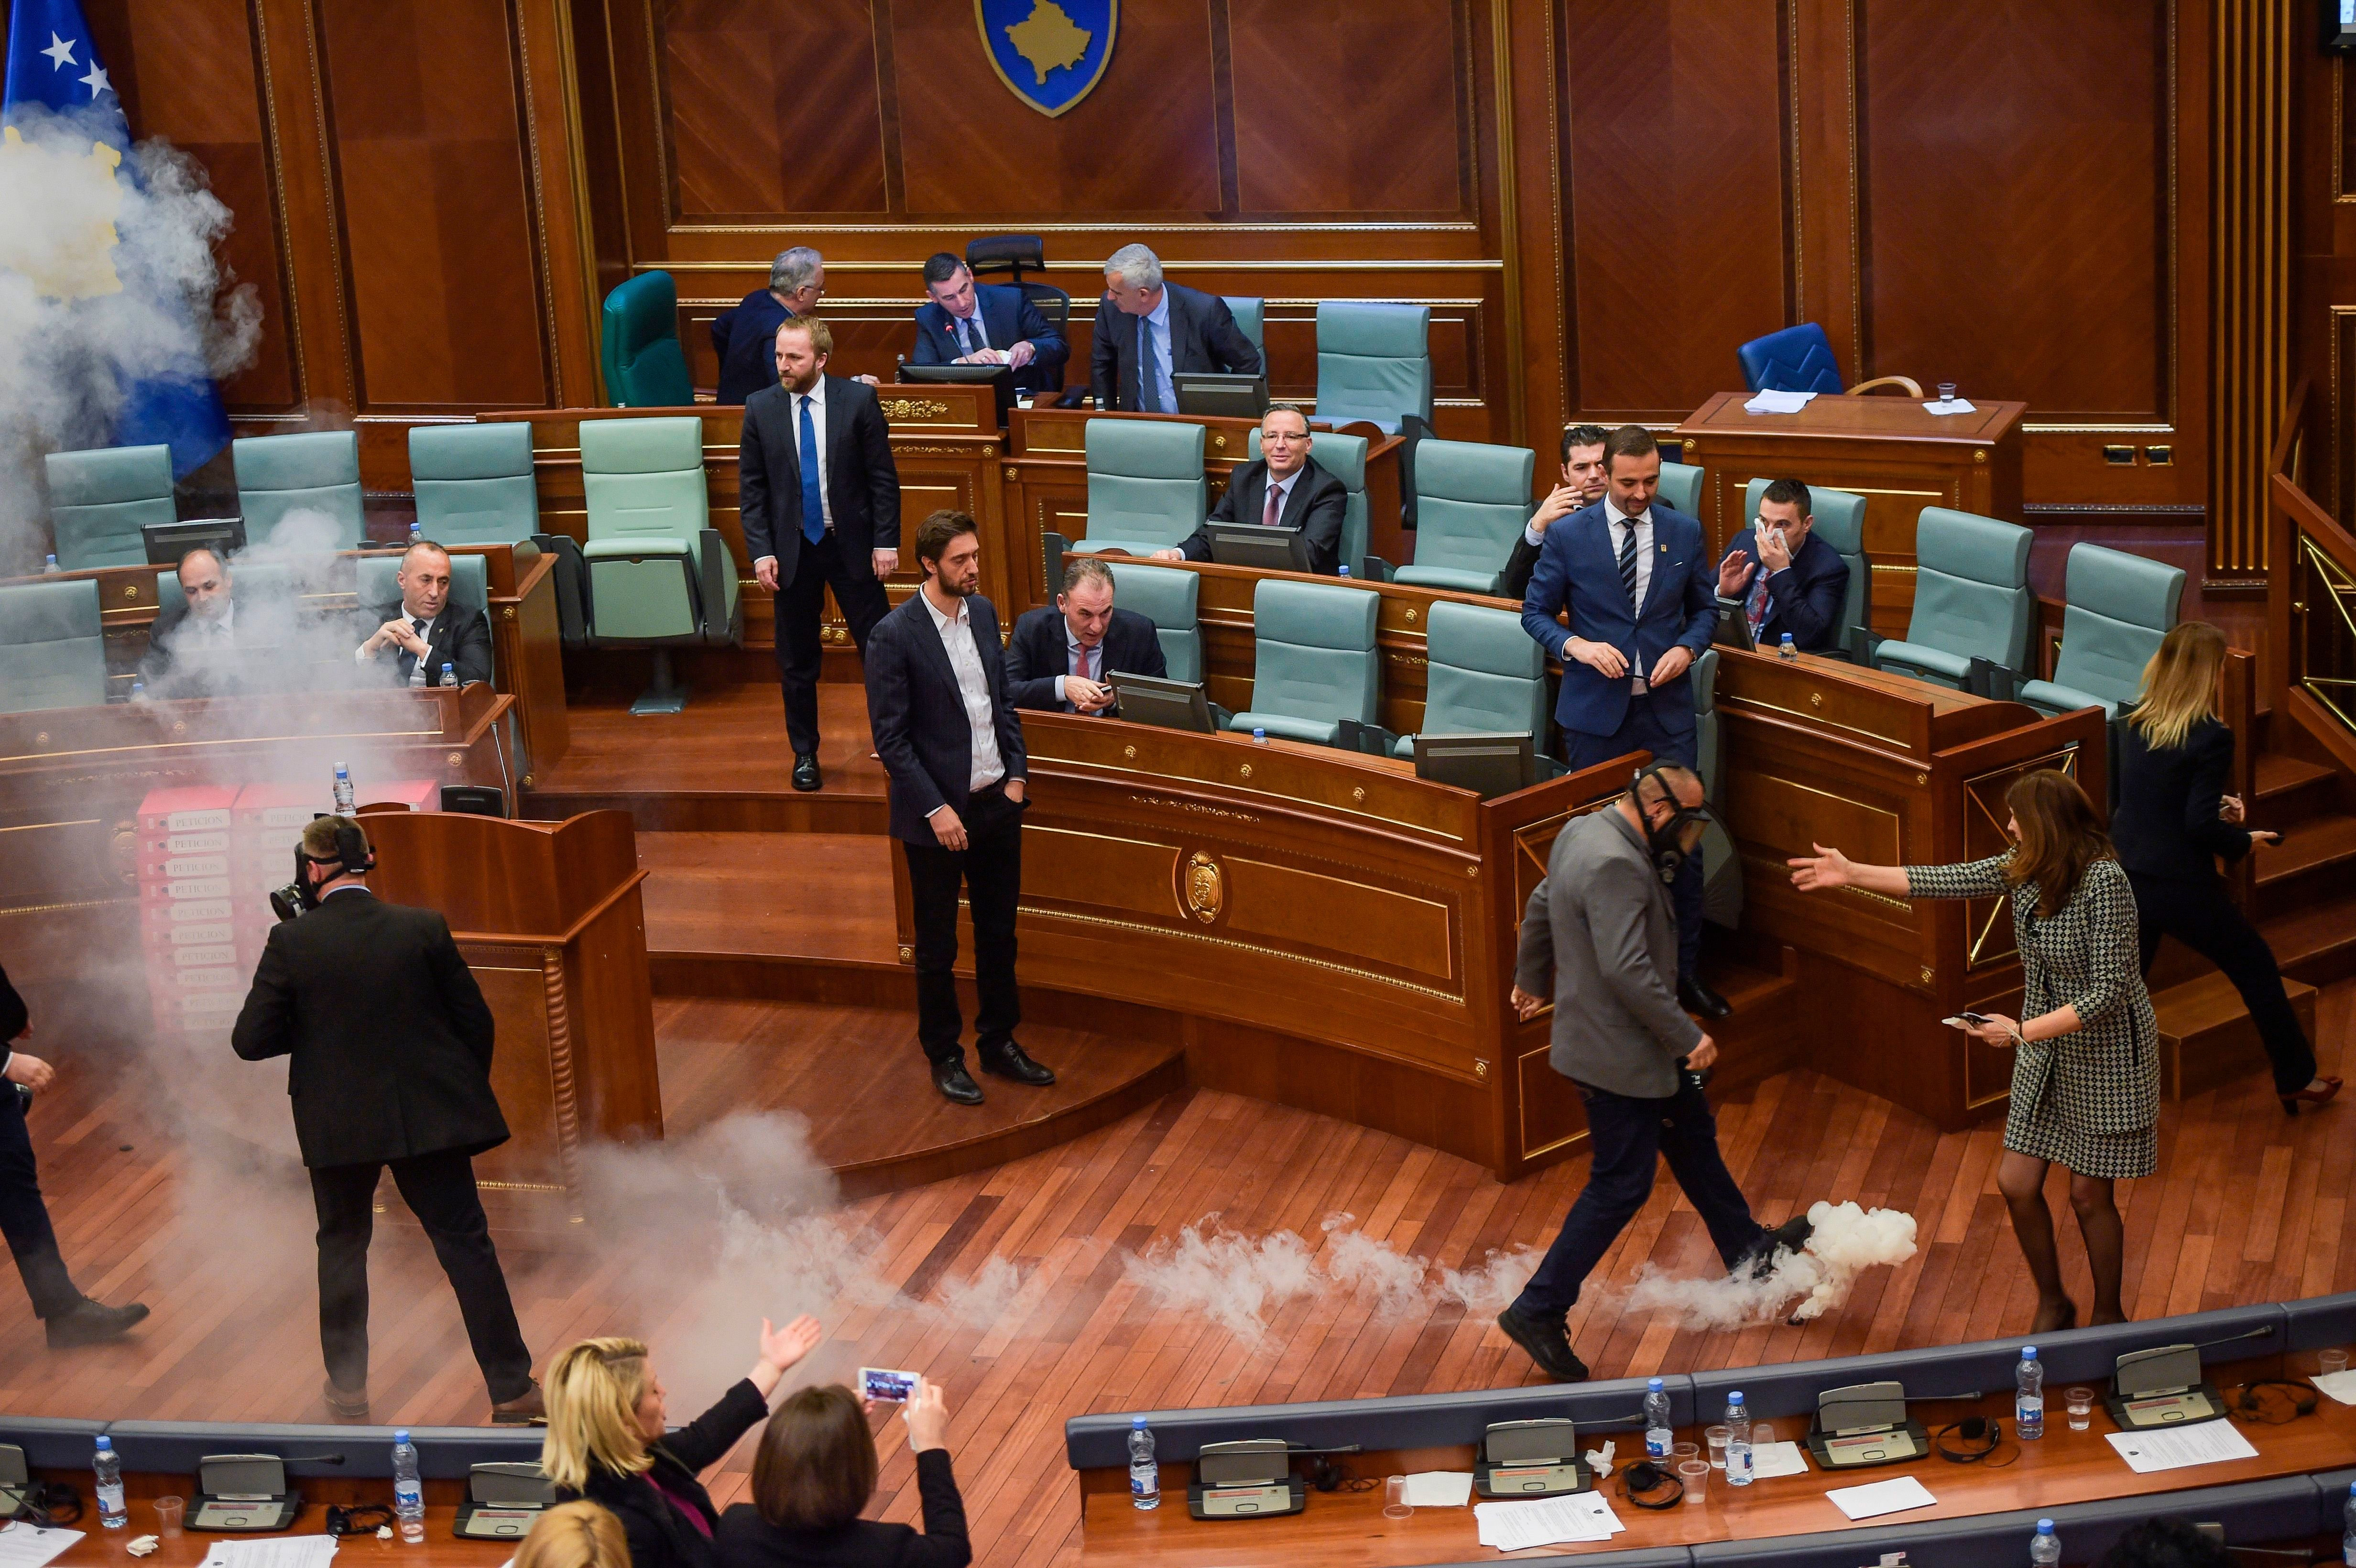 Κόσοβο: Υπερψηφίστηκε μετά τα δακρυγόνα μέσα στη Βουλη η συμφωνία οριοθέτησης των συνόρων με το